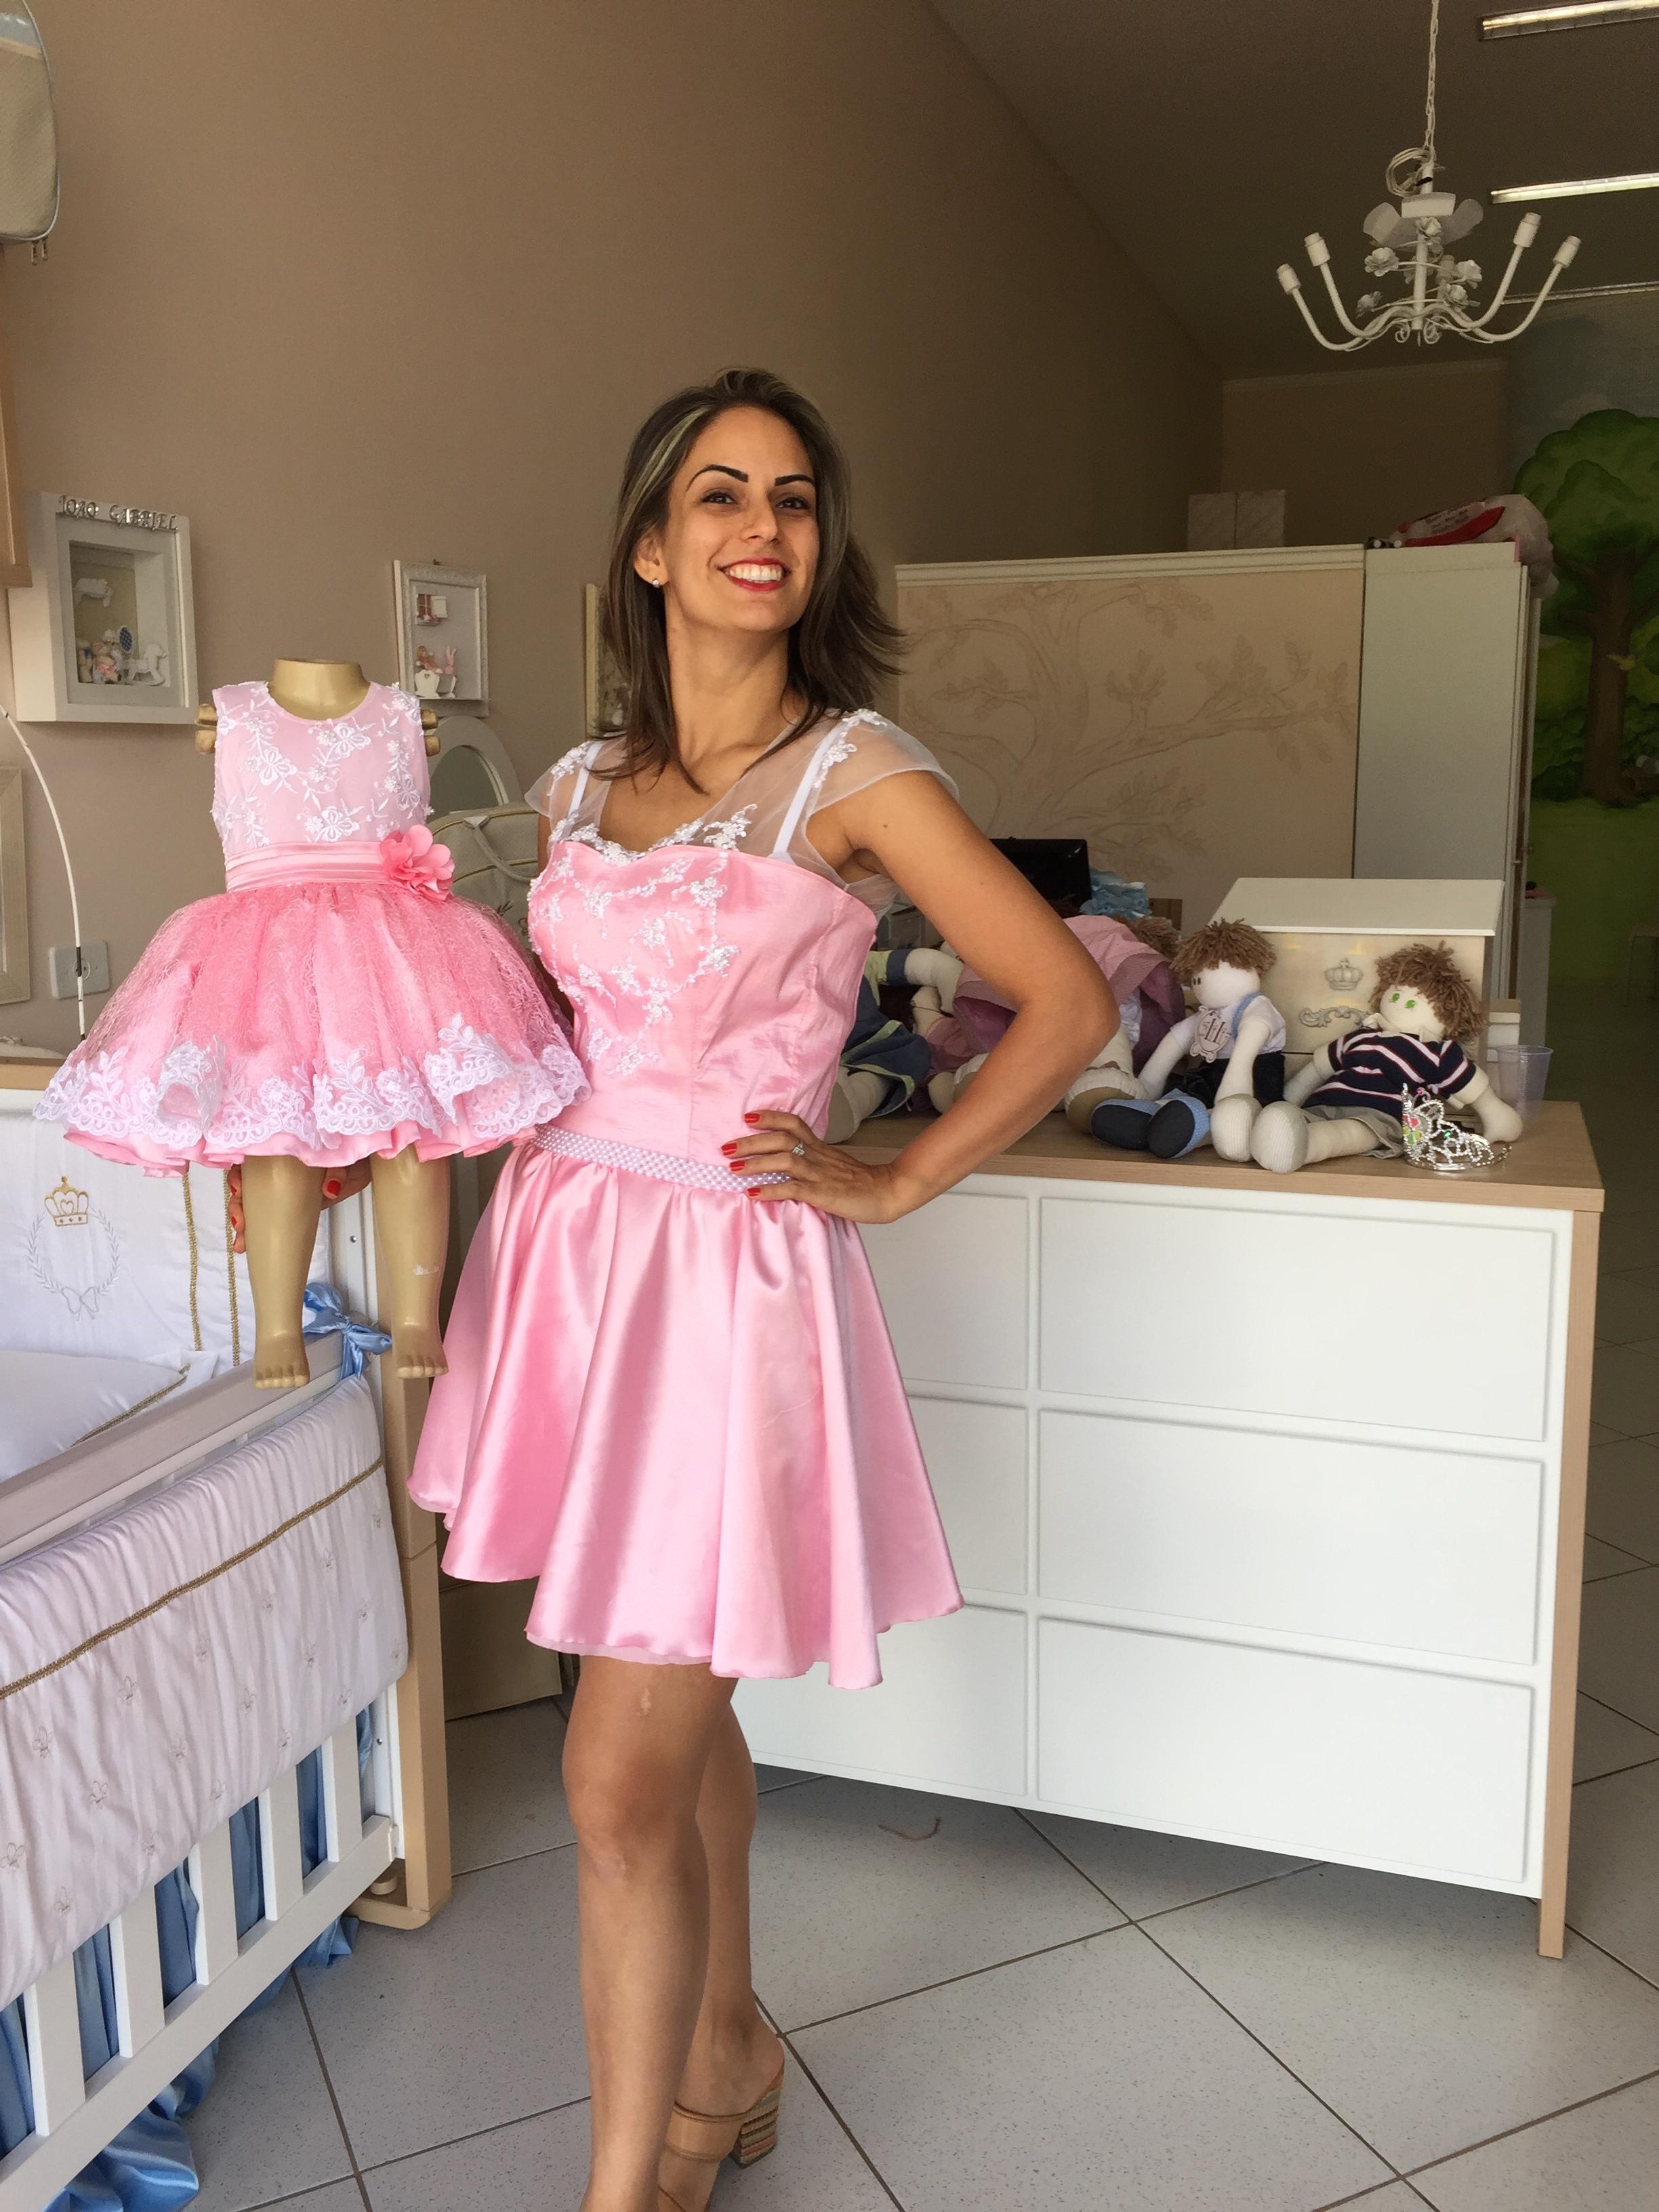 vestido-tal-mae-tal-filha-rosa-luxo-tal-mae-e-tal-filha